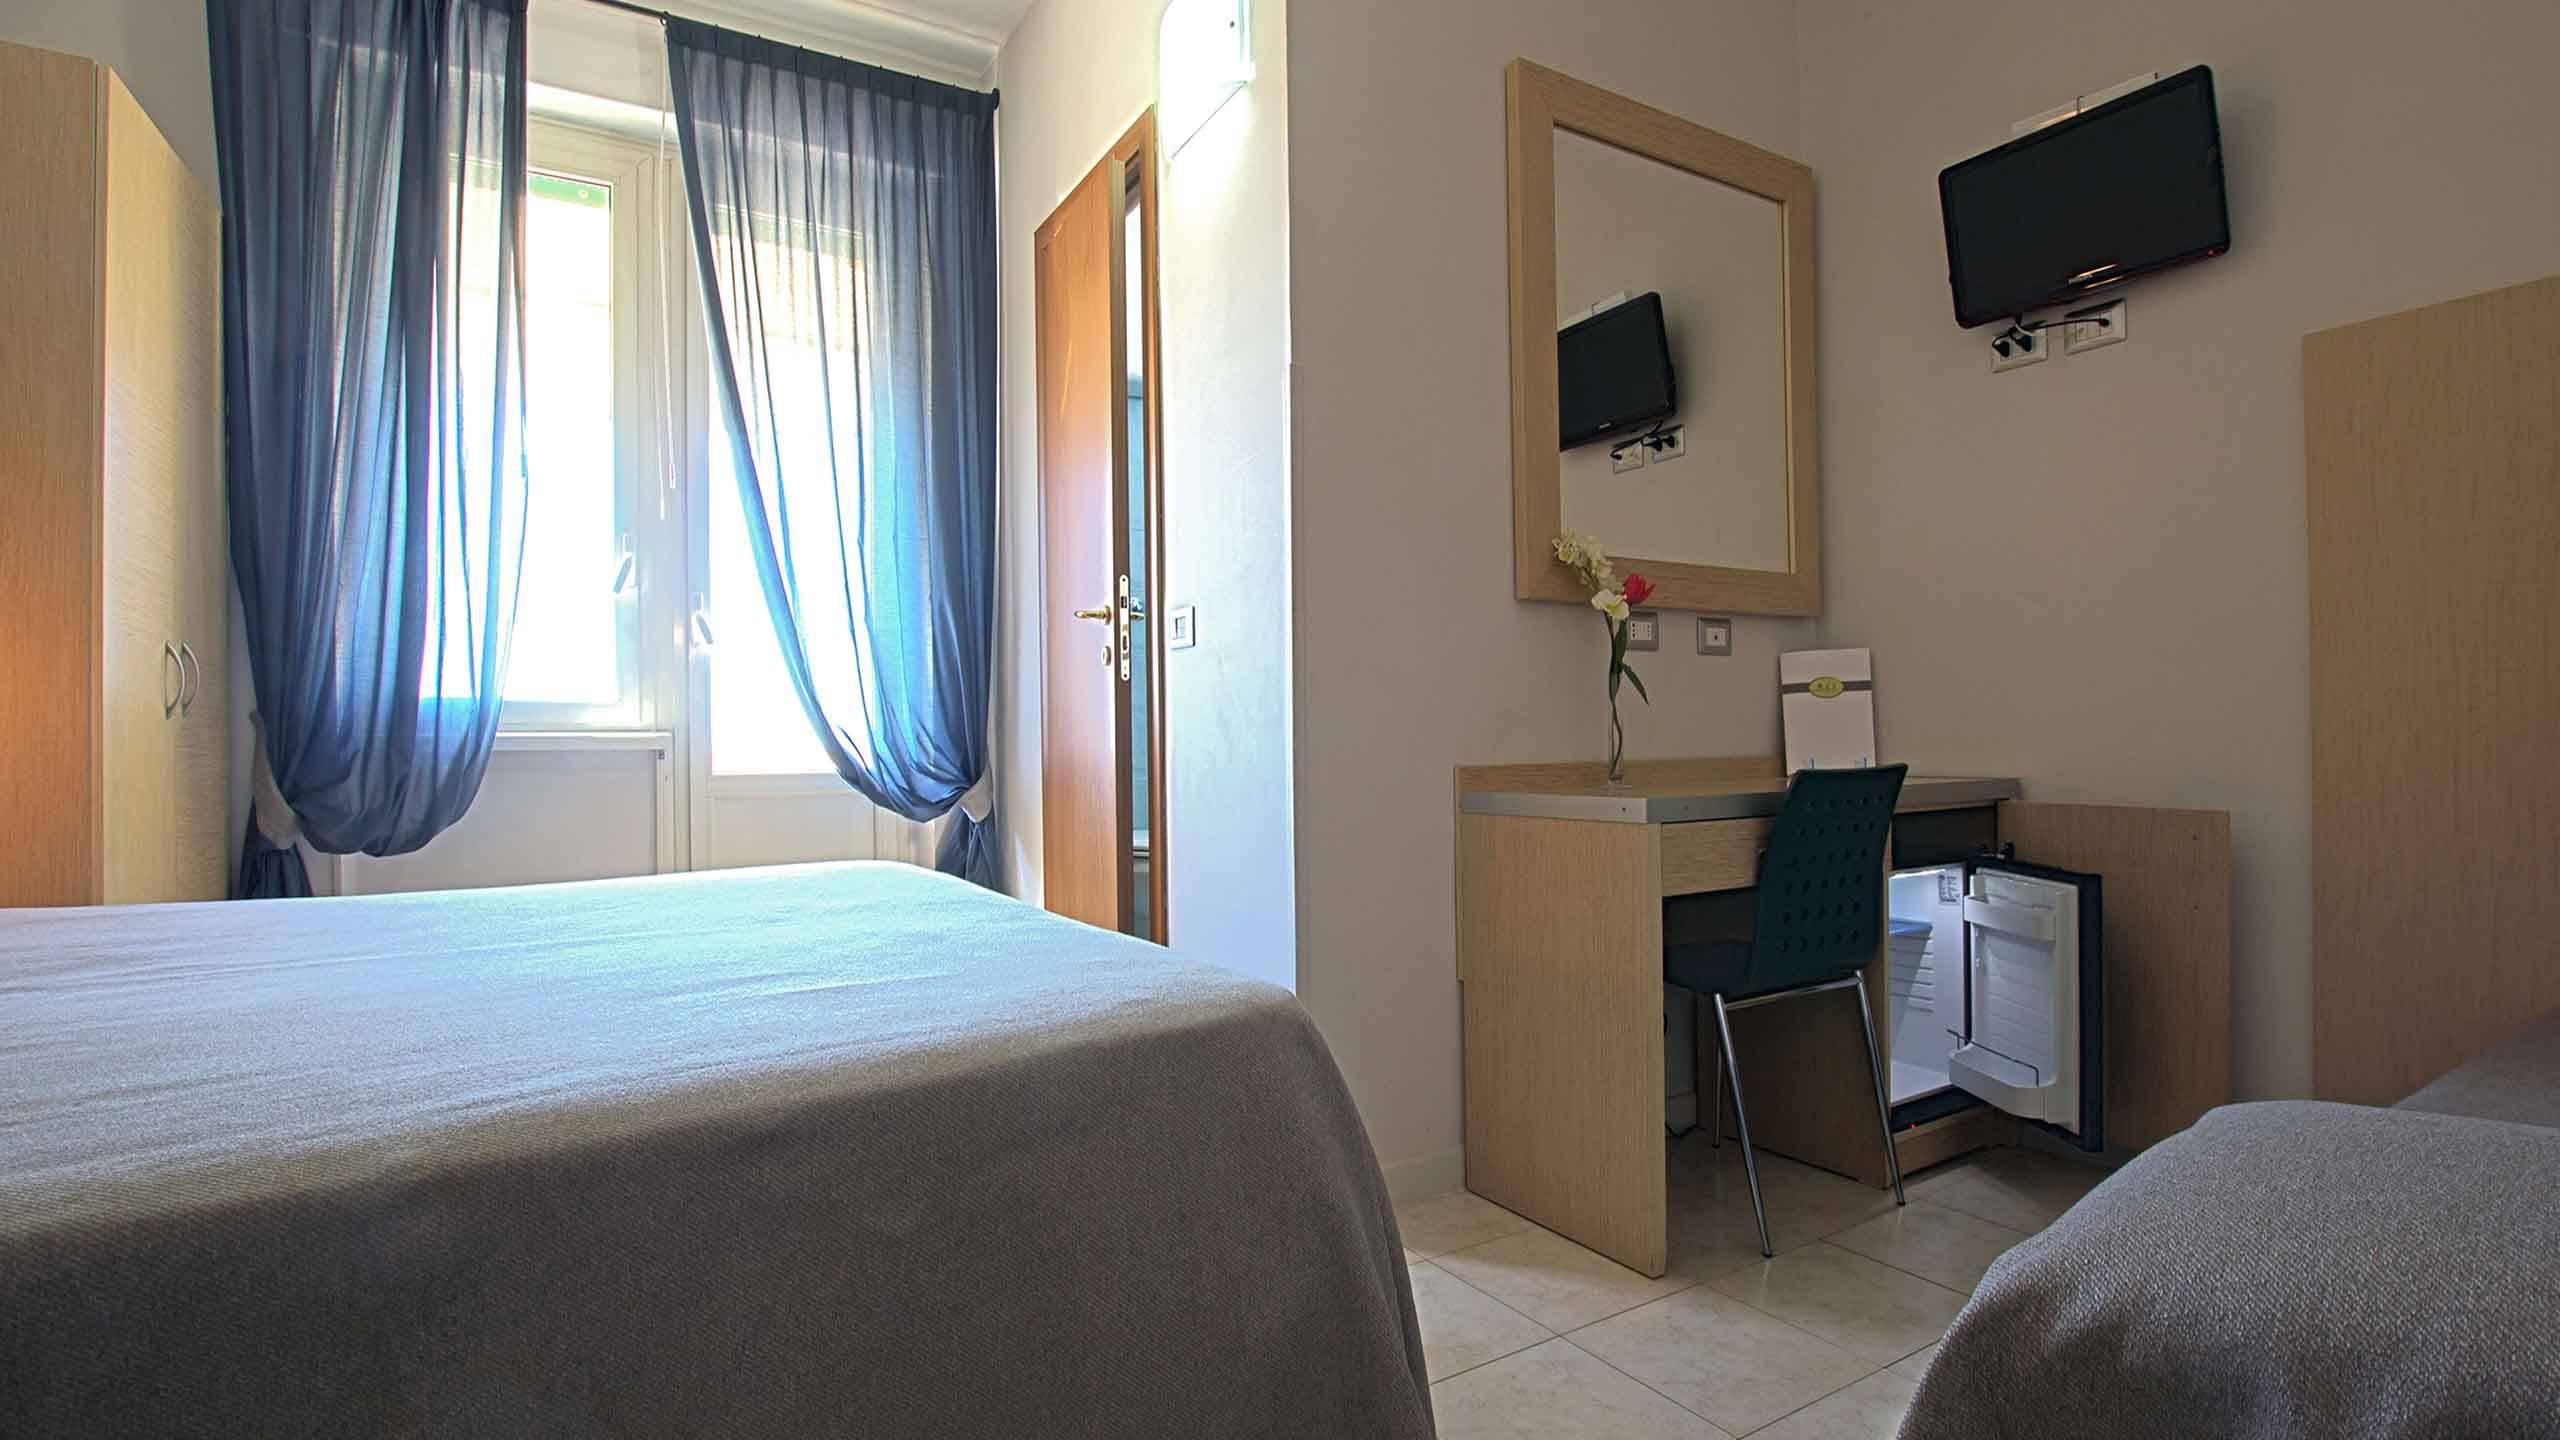 Hotel-La-Scaletta-Ostia-Camera-Tripla-Con-Vista-5